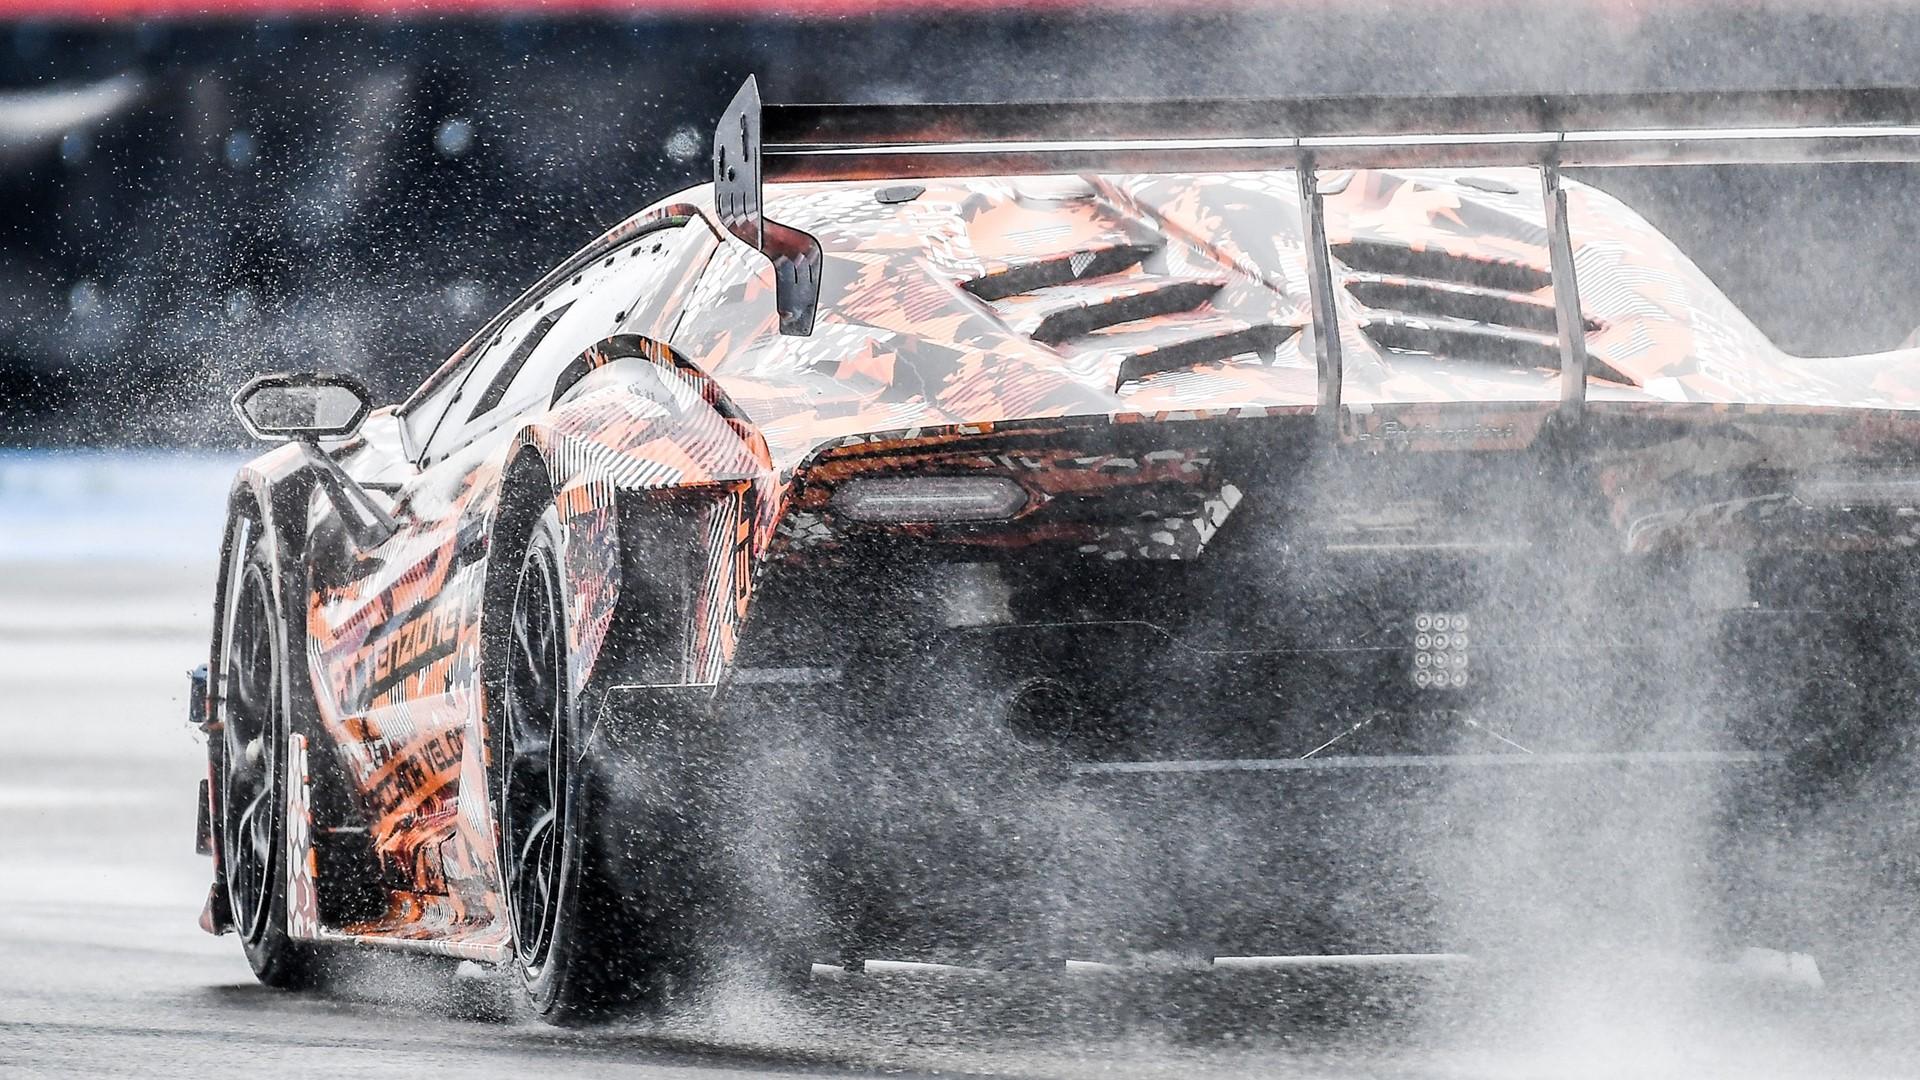 Lamborghini SCV12: Squadra Corse hypercar ready to hit the track - Image 1